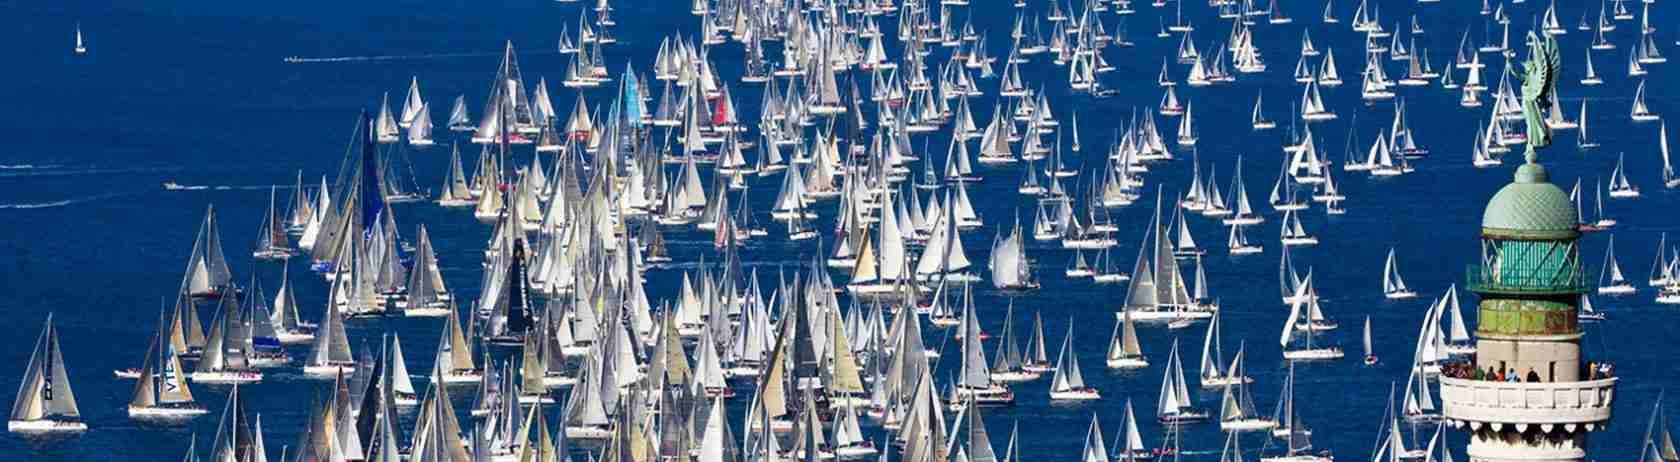 Le escort di Trieste sono le protagoniste degli eventi mondani che si svolgono a Trieste durante la Barcolana.